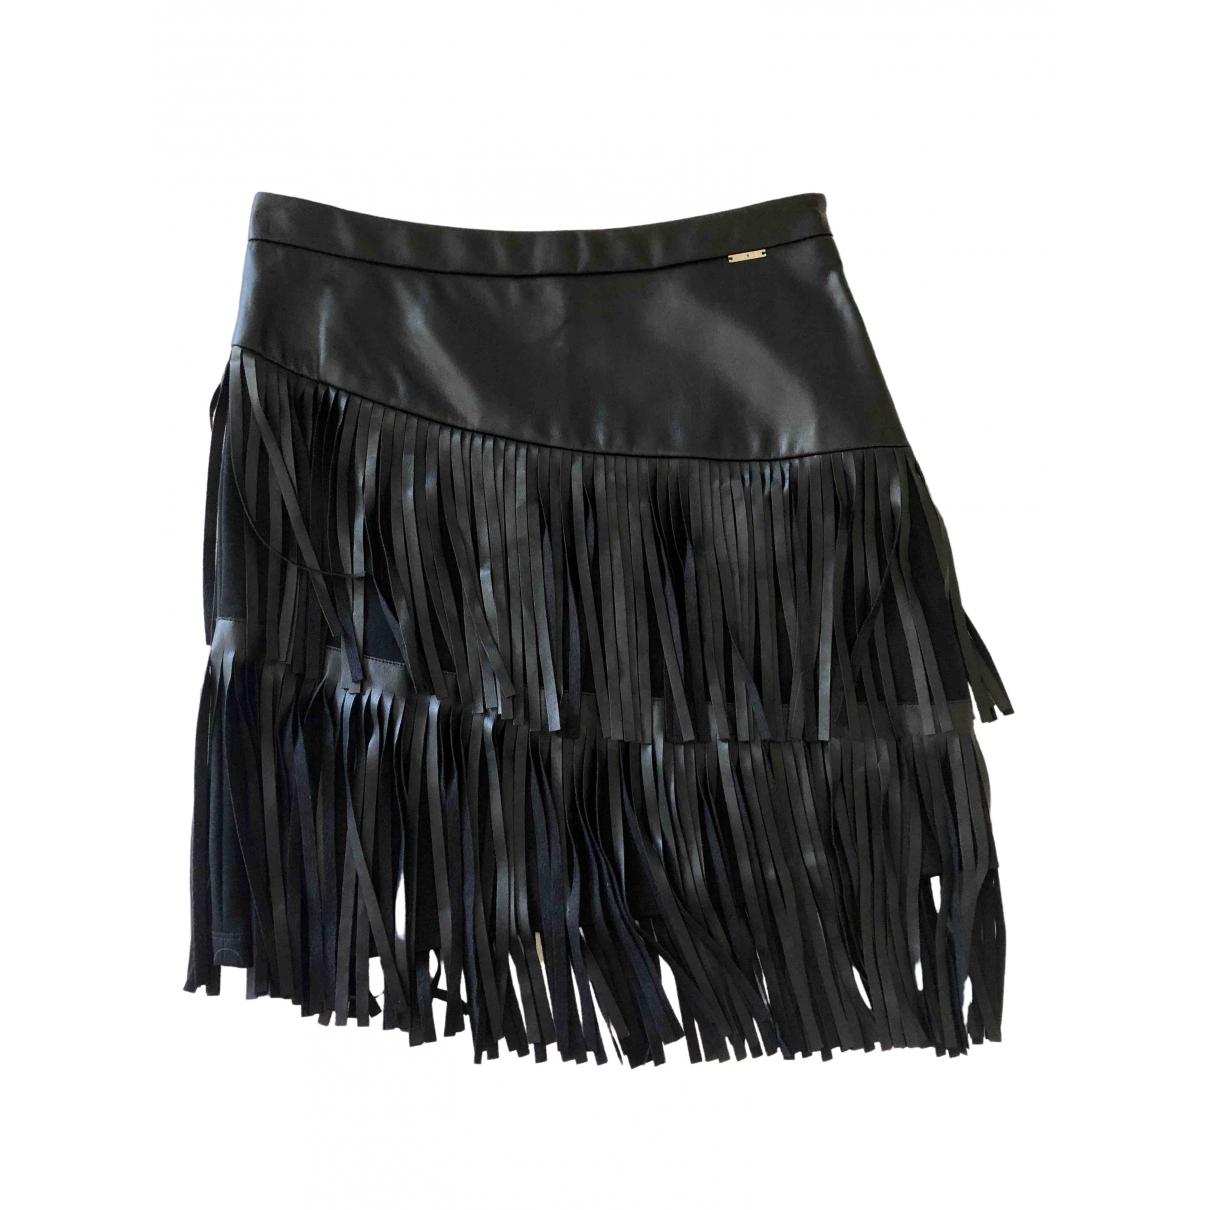 Liu.jo \N Black Leather skirt for Women 42 IT